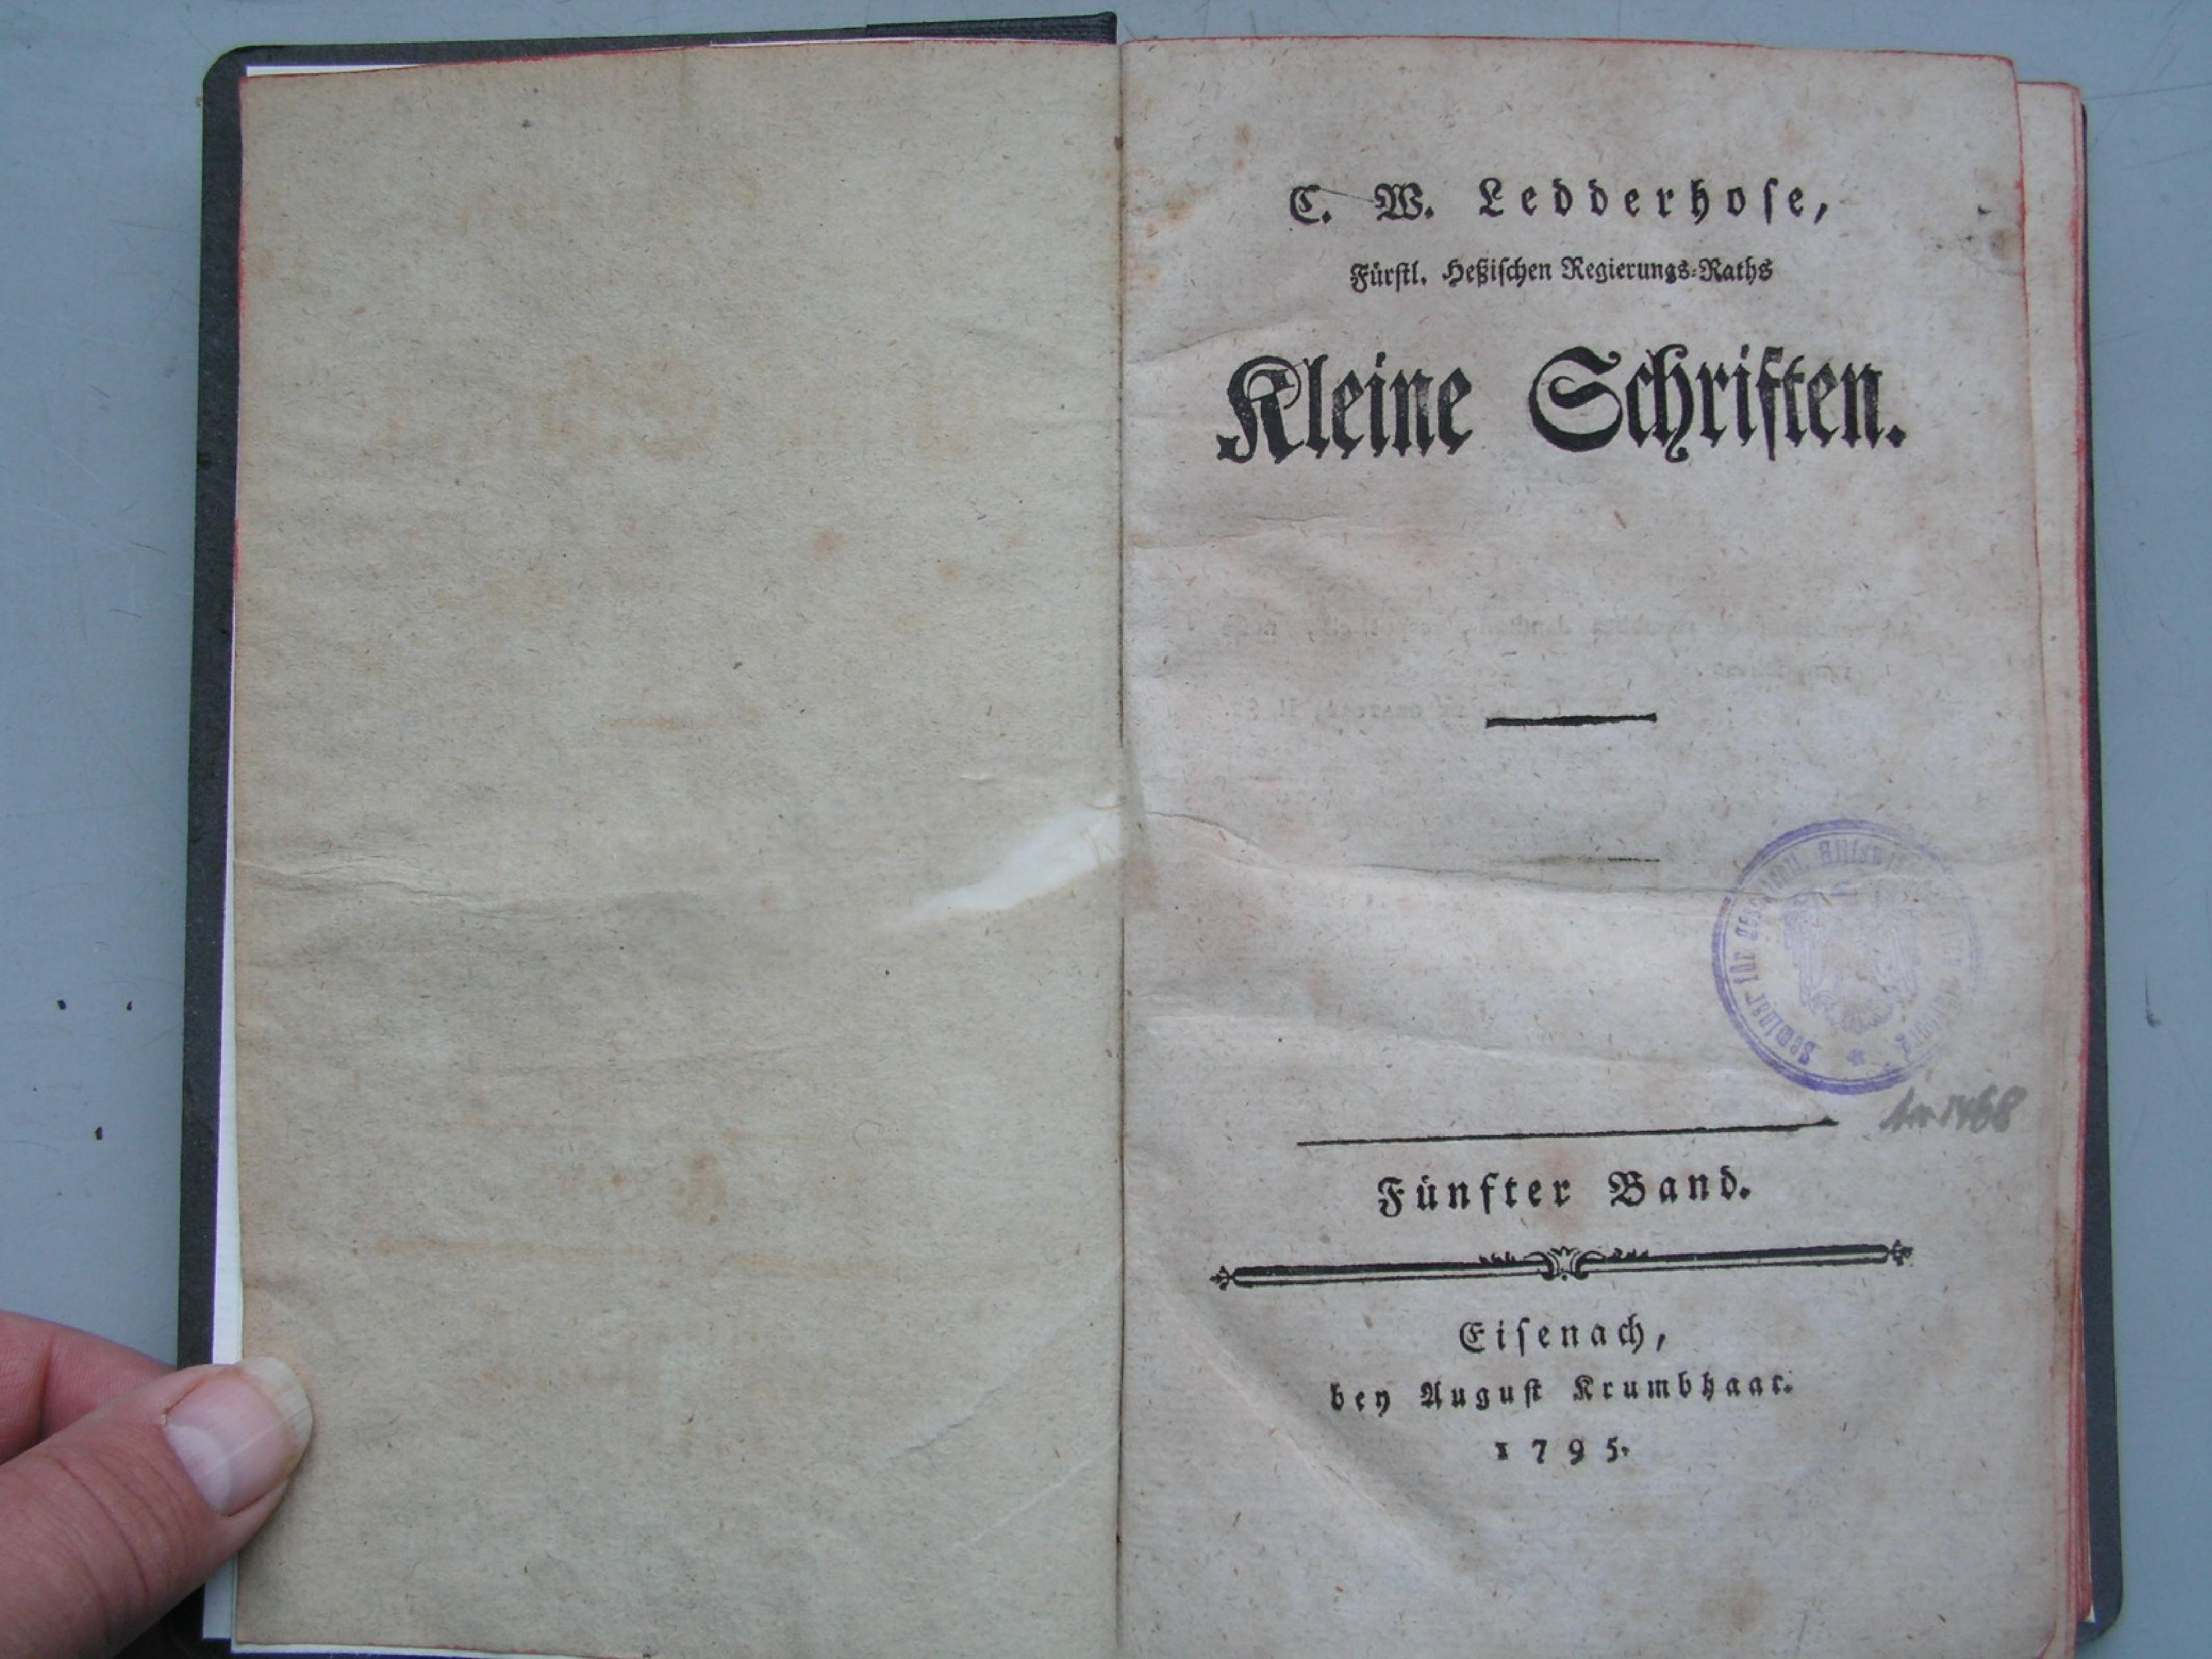 Von der Fräuleinsteuer in Hessen, 1795